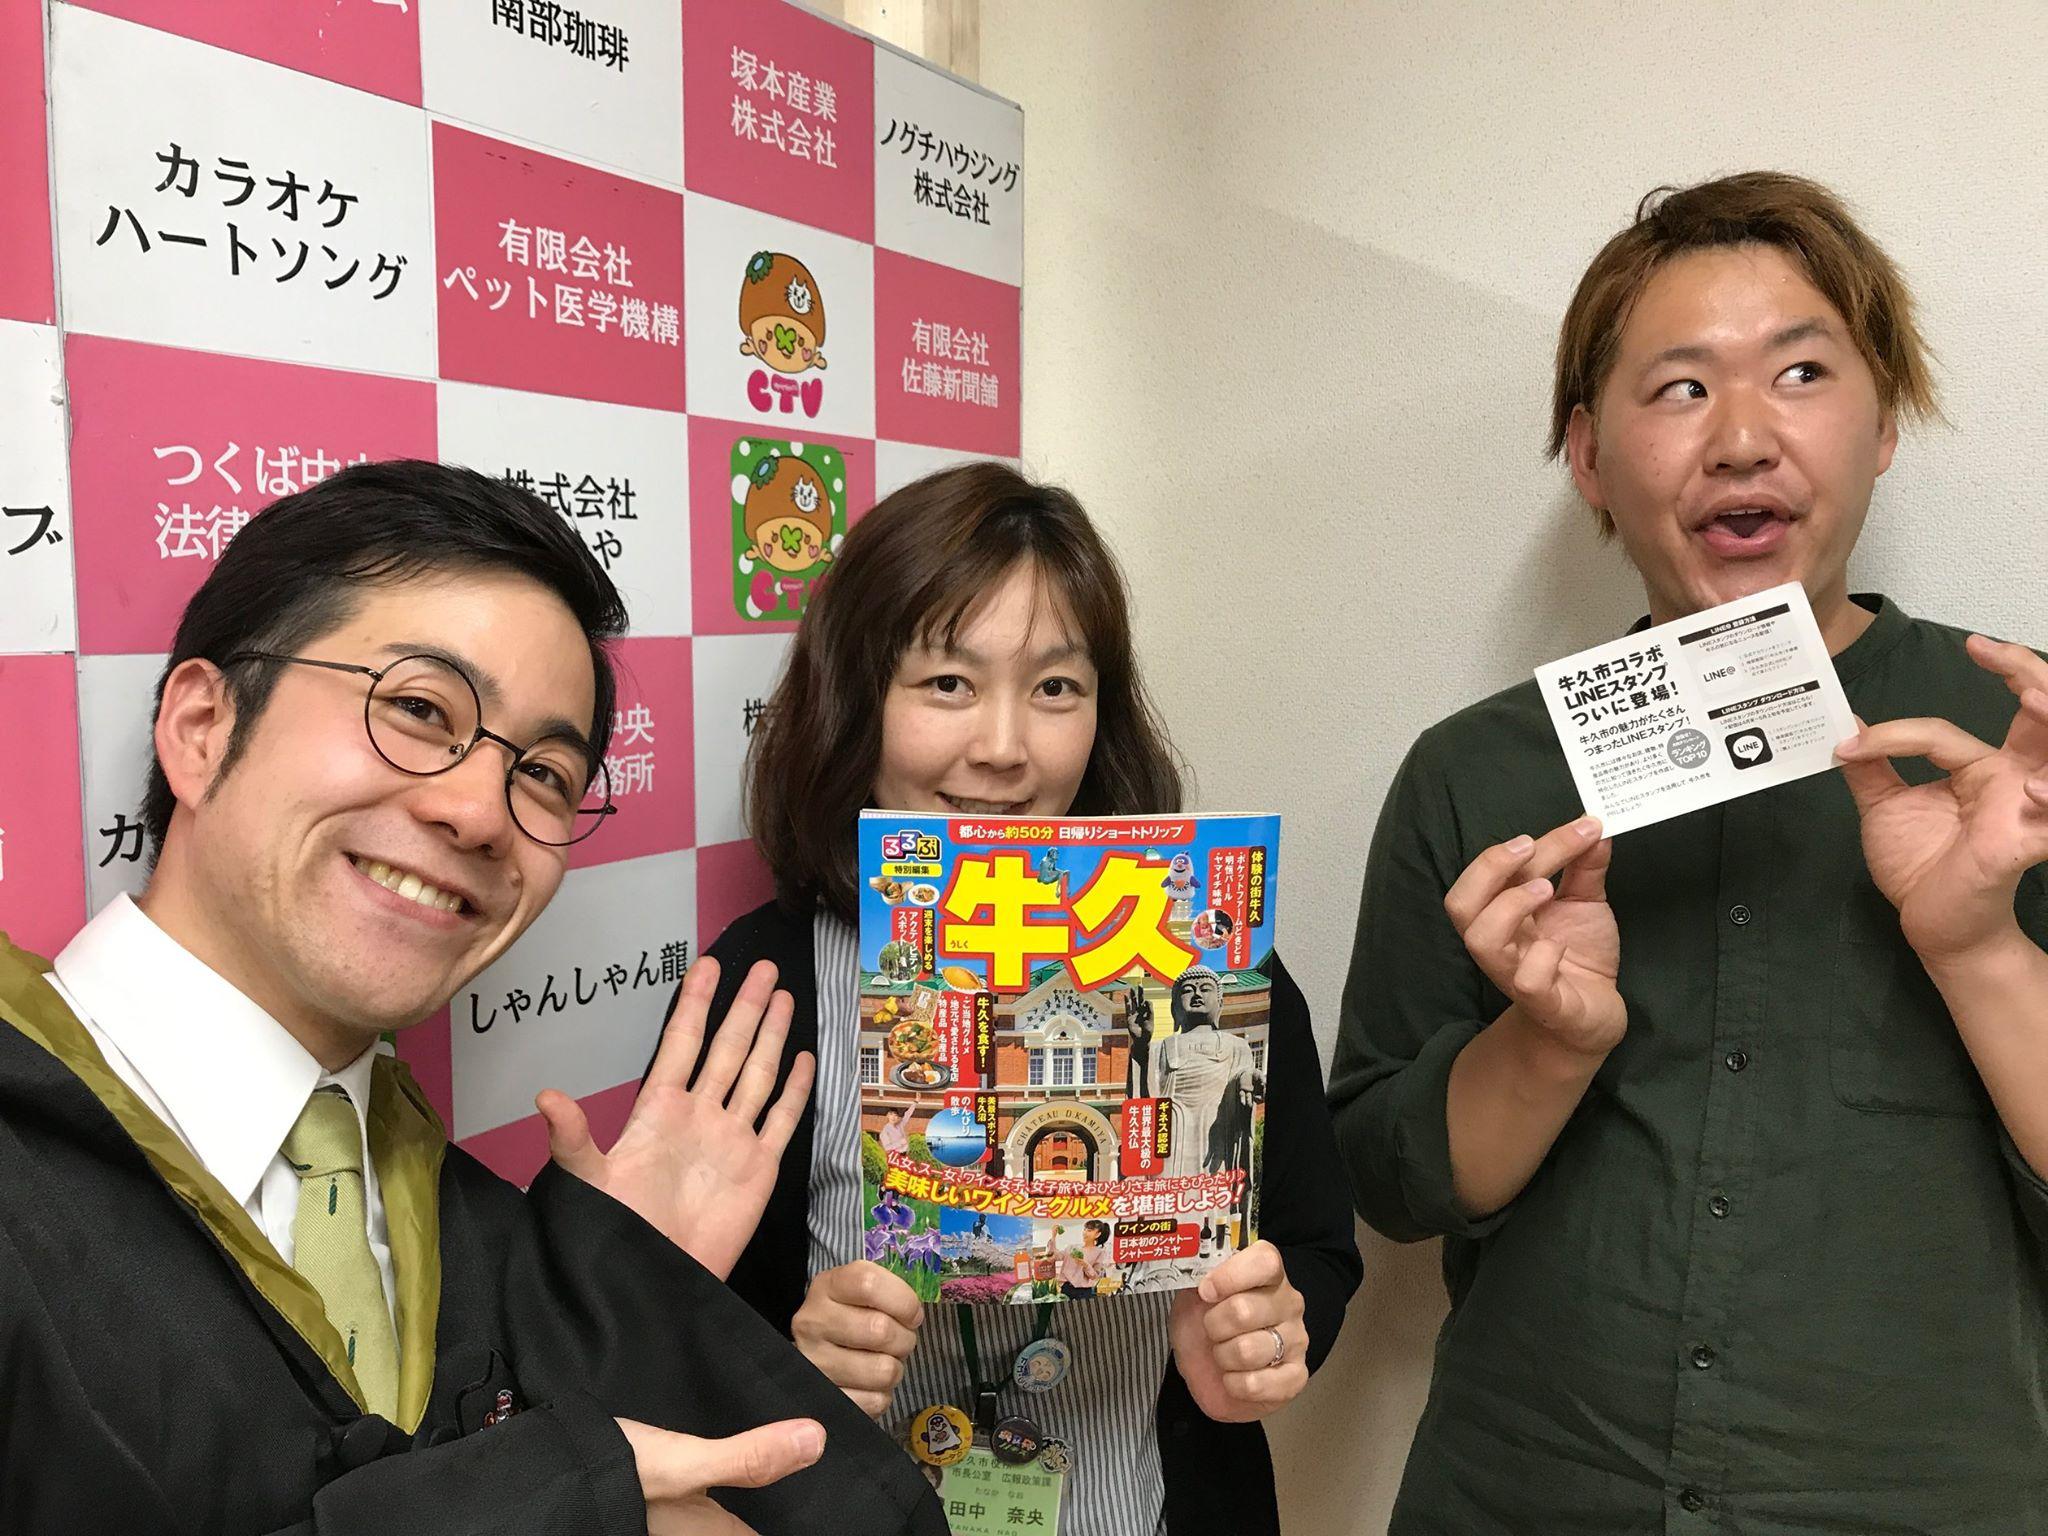 [2017/5/9] ♡夕暮れモーモー #19♡ゲスト 田中奈央さん